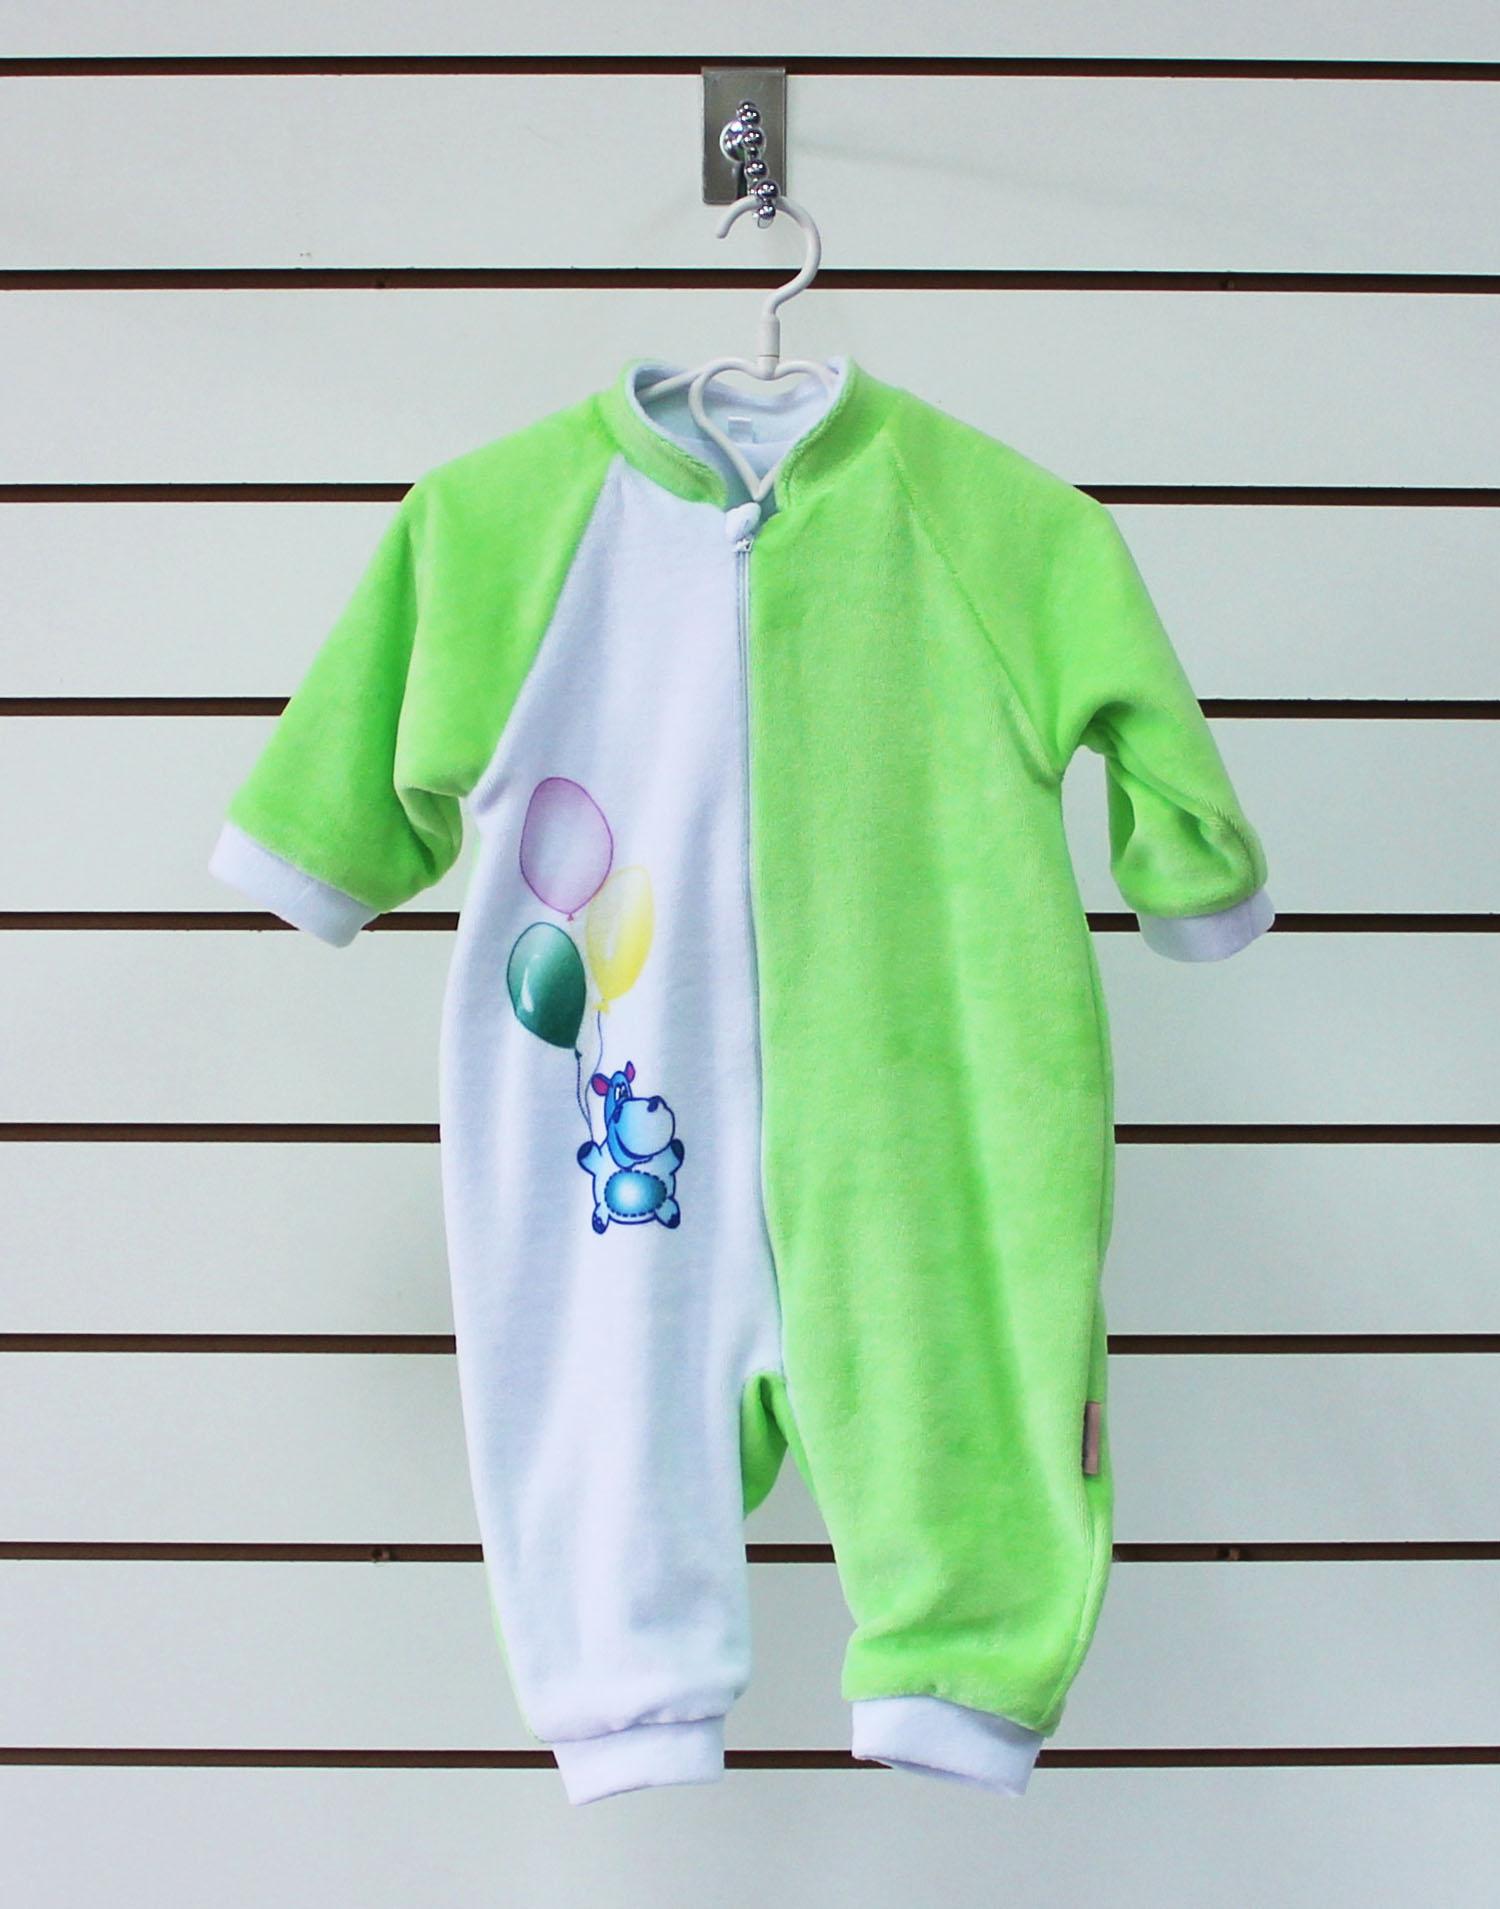 Комбинезон детский велюровый БегемотикКомбинезоны и полукомбинезоны<br><br><br>Размер: 20 (рост 68 см)